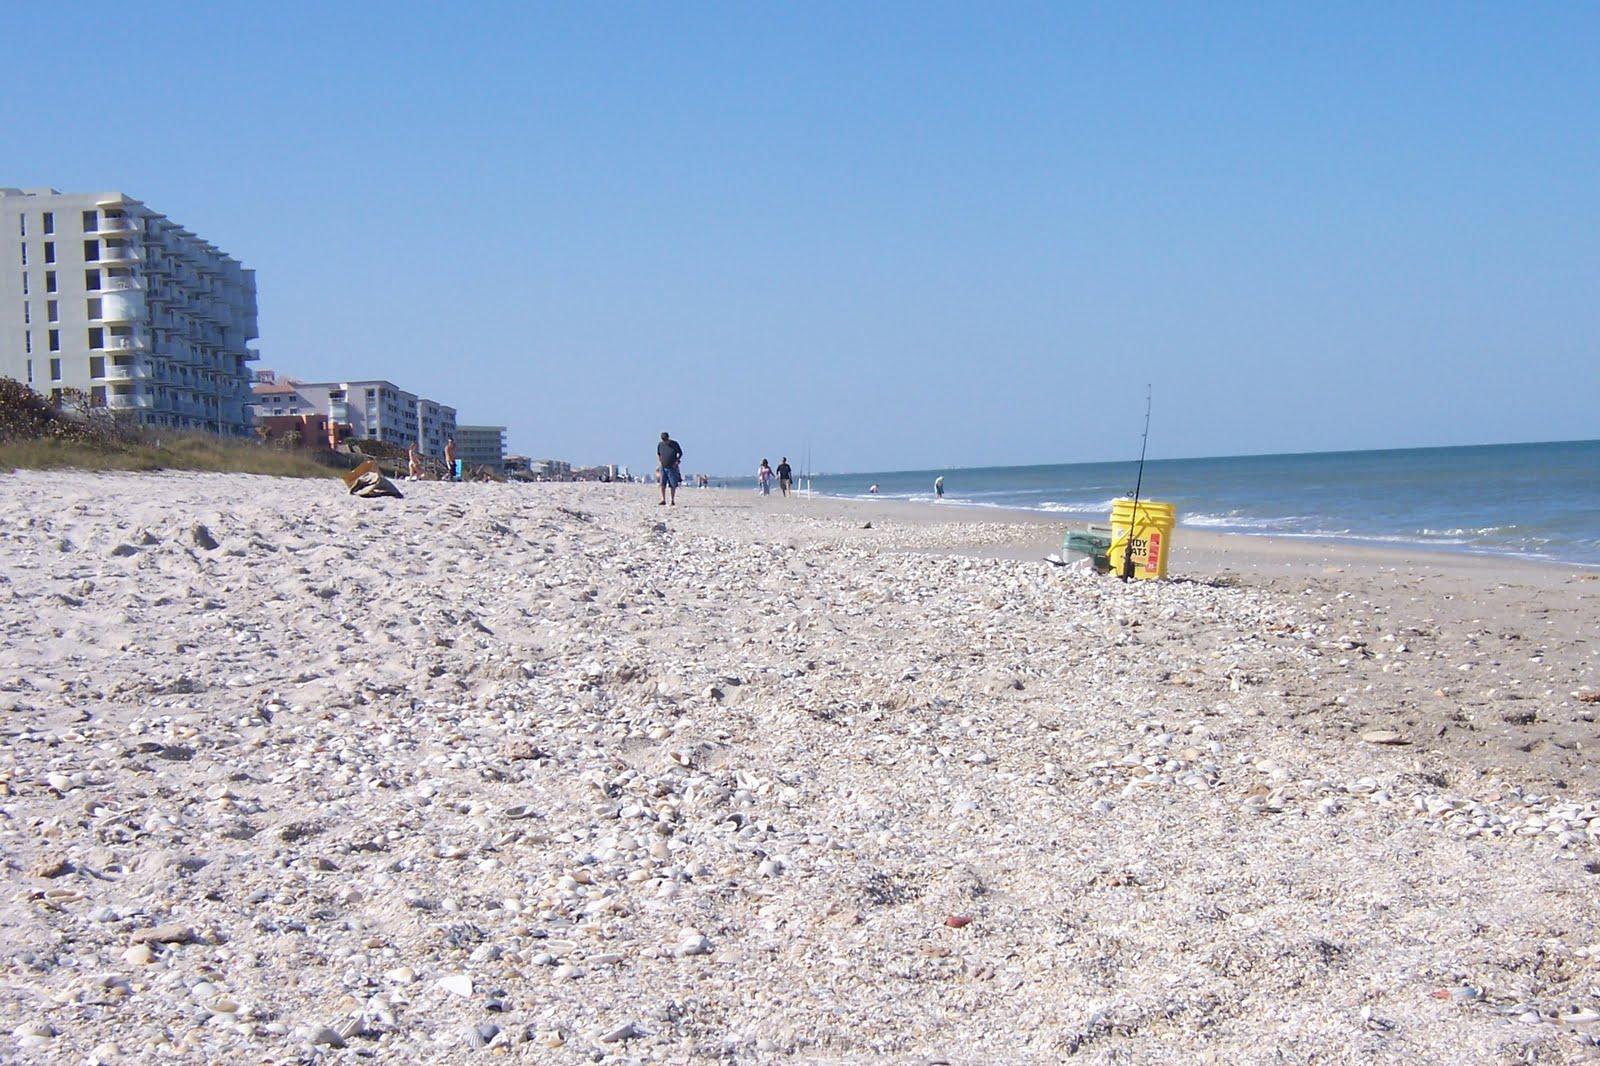 East coast florida beach our florida house for Beach houses on the east coast